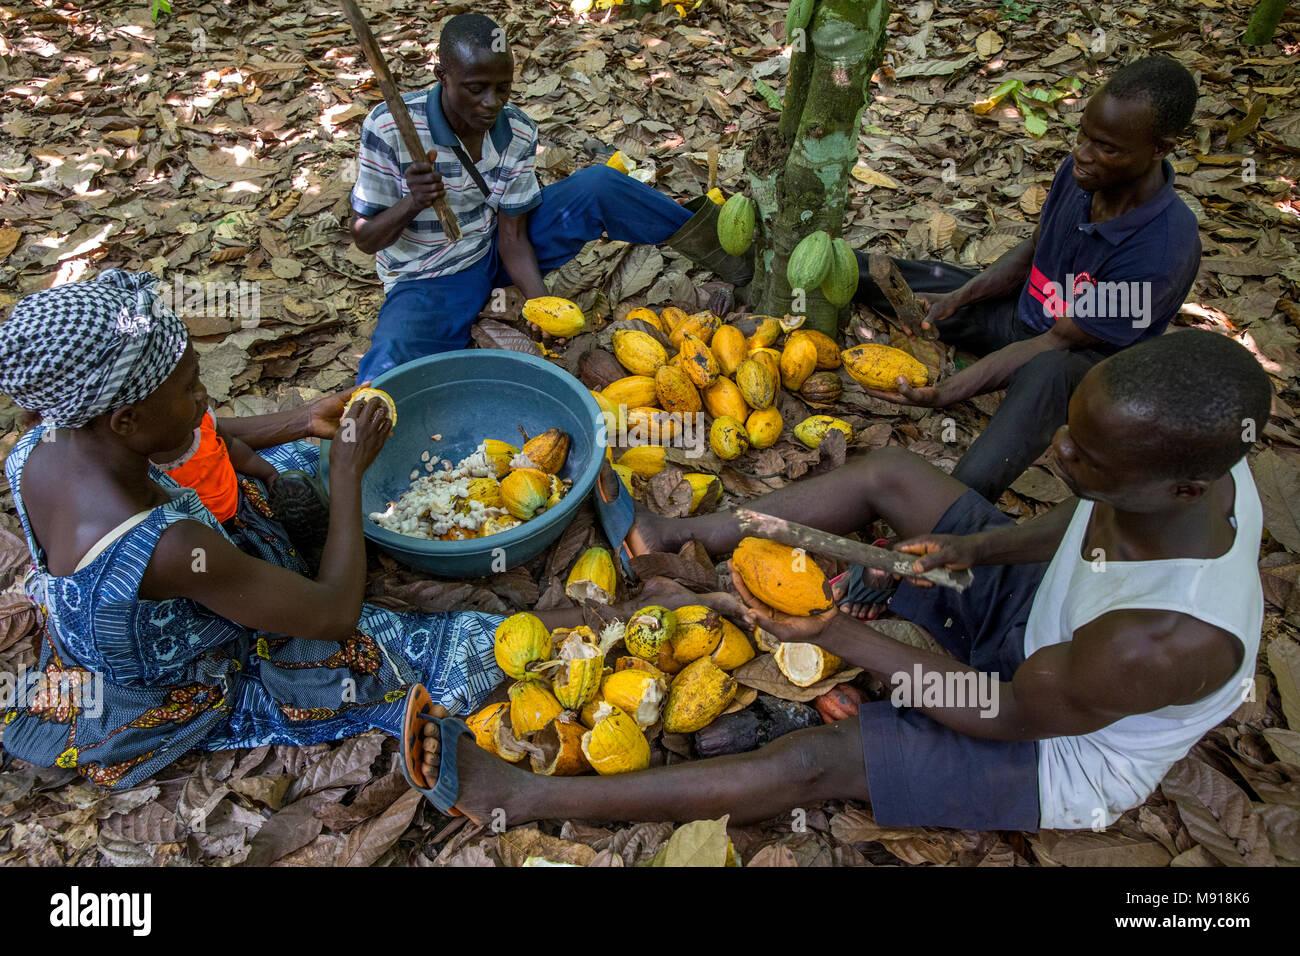 Côte d'Ivoire. Les agriculteurs breaking up récoltés les cabosses de cacao. Photo Stock